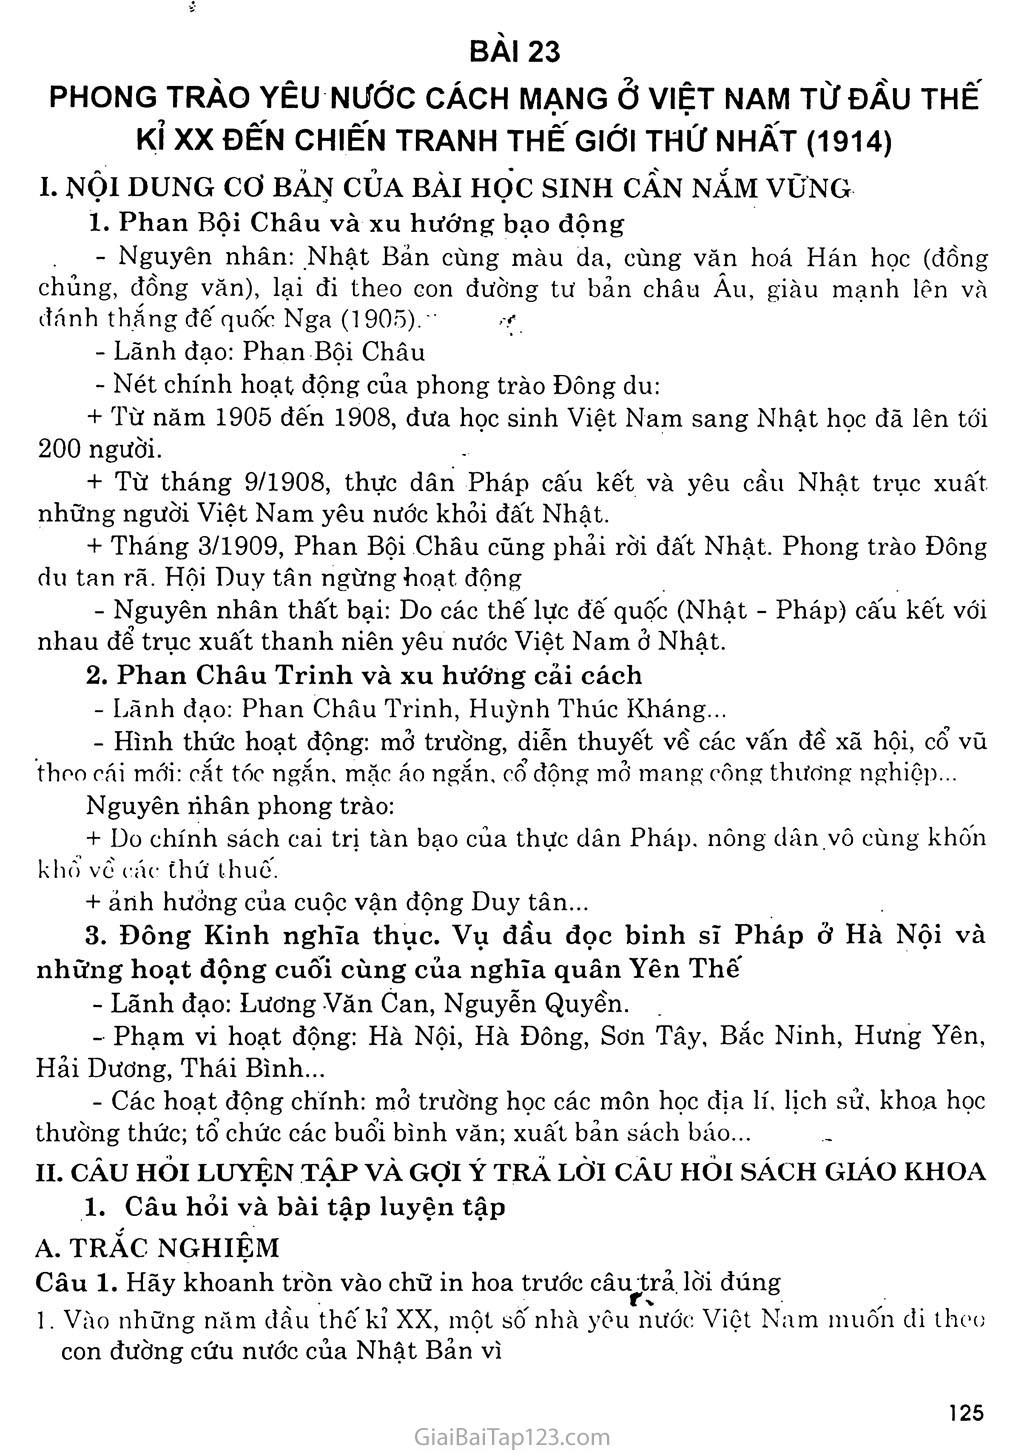 Bài 23: Phong trào yêu nước và cách mạng ở Việt Nam từ đầu thế kỷ XX đến chiến tranh thế giới thứ nhất (1914) trang 1